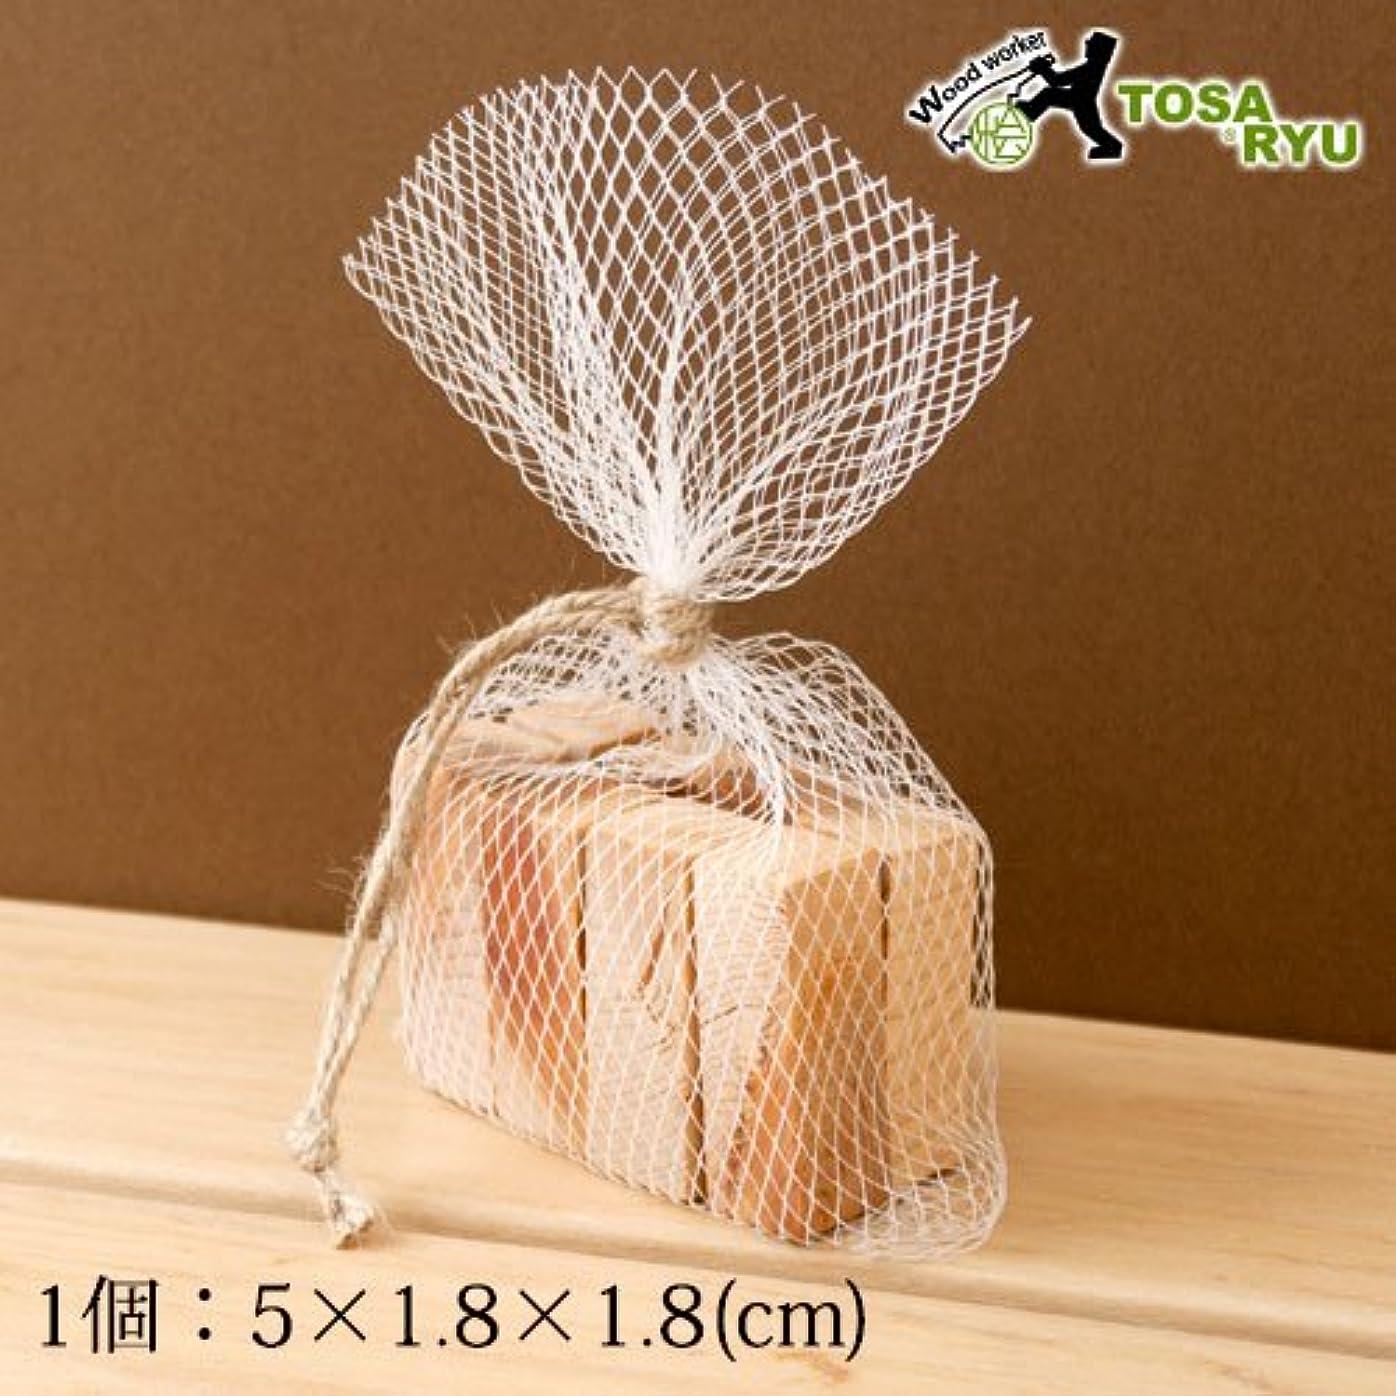 課す不条理抑制土佐龍アロマブロックメッシュ袋入り高知県の工芸品Bath additive of cypress, Kochi craft